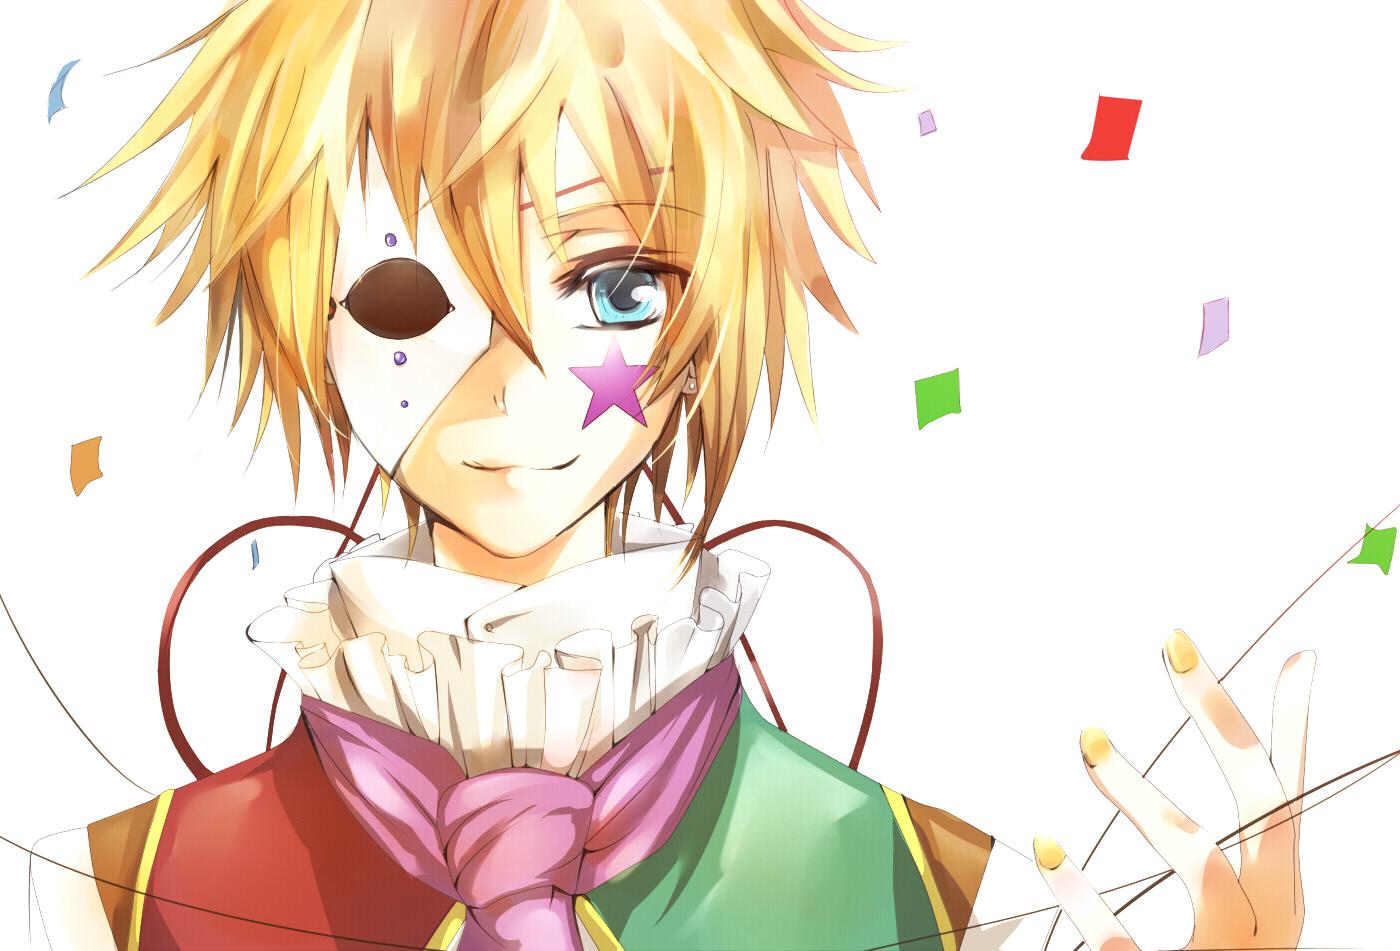 Jester song zerochan anime image board for Zerochan anime